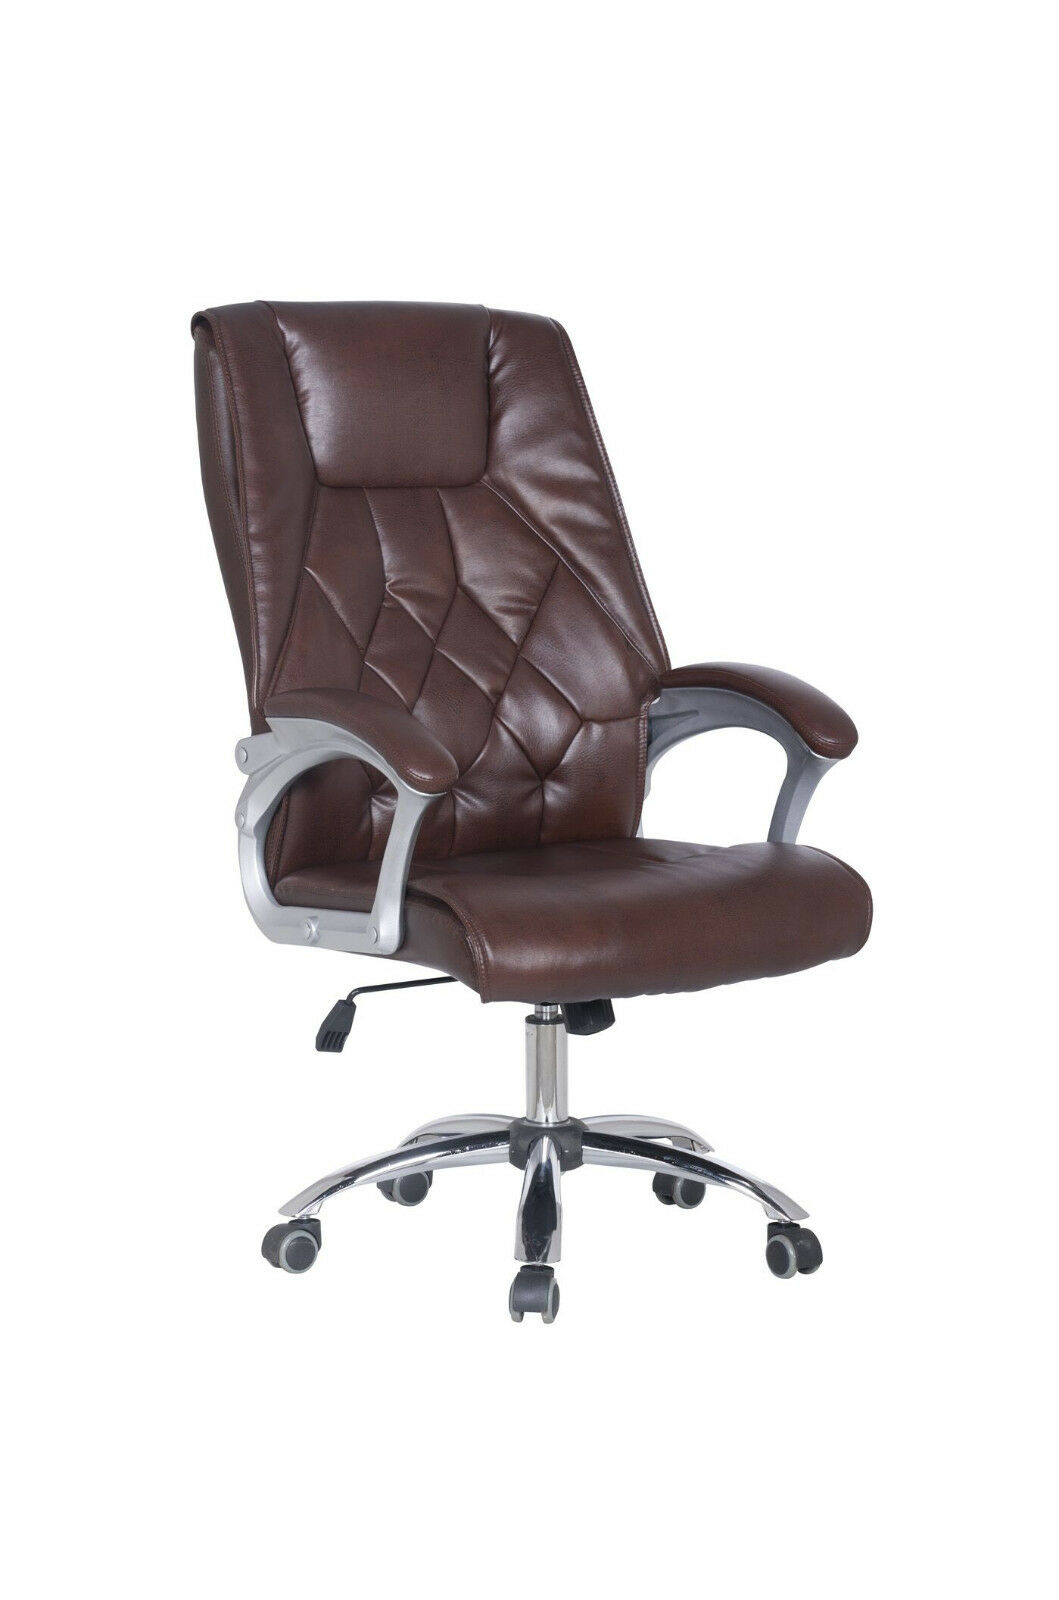 s l1600 - SILLA OFICINA OFFICE DISEÑO DESPACHO RQ8015 - 7289